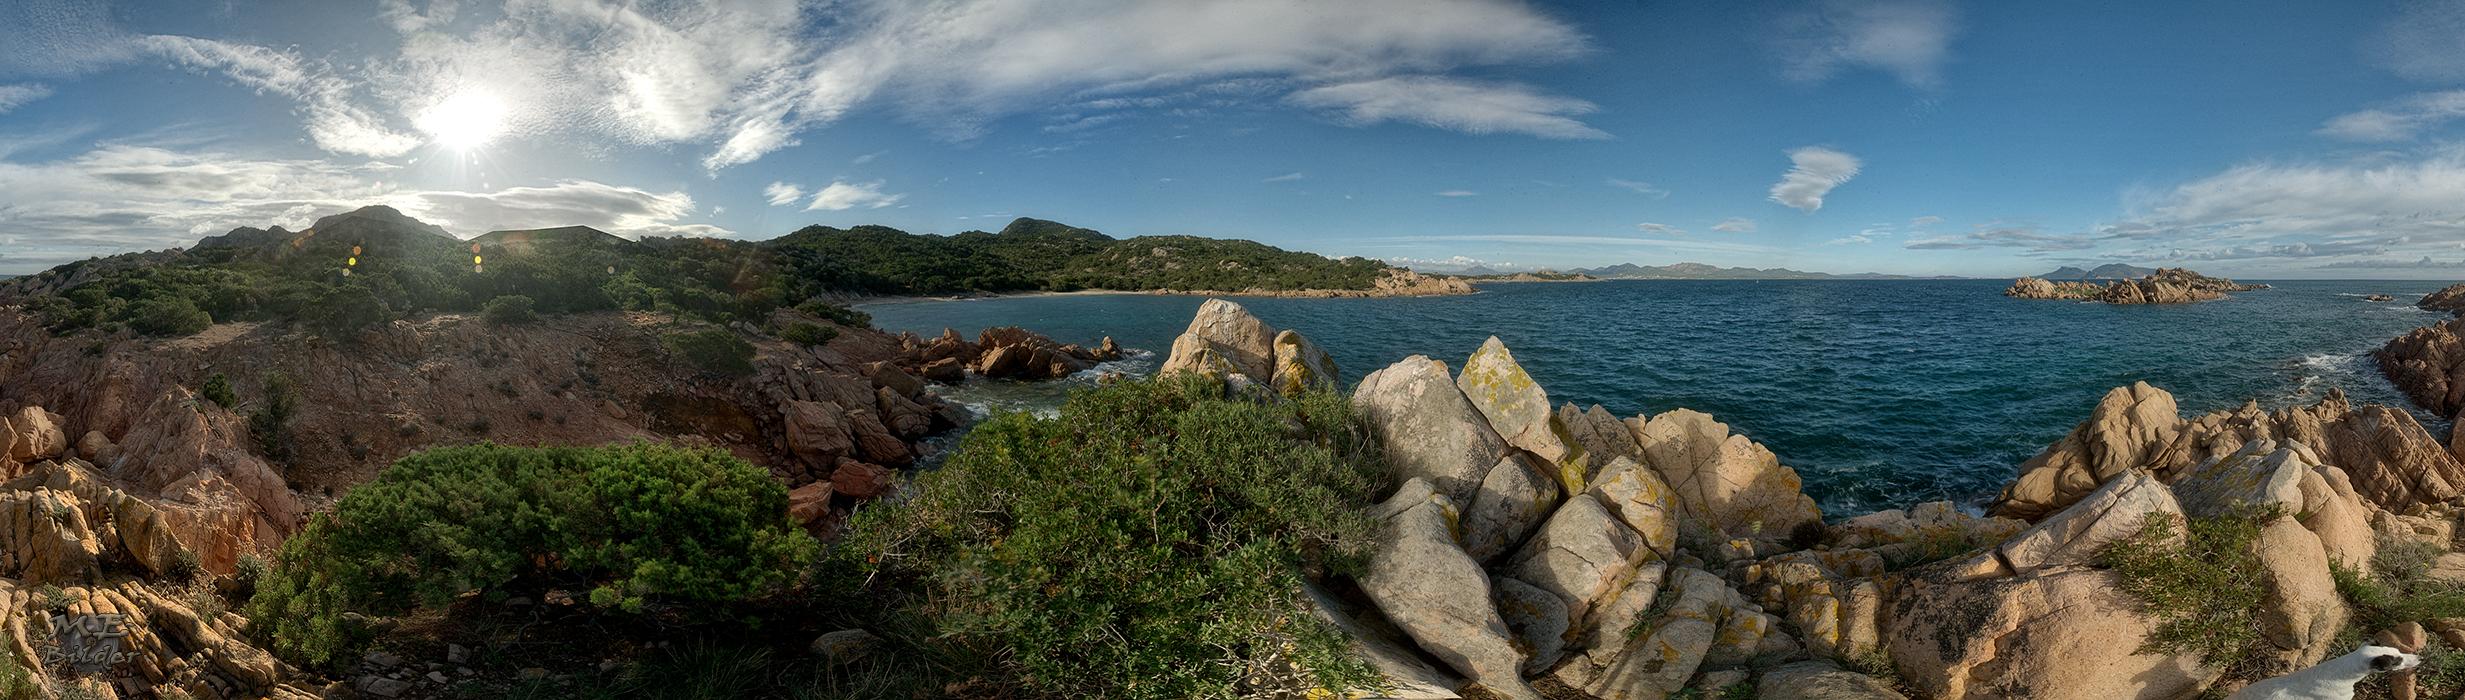 360° Nordost Küste Sardinien - aus 48 Einzelaufnahmen